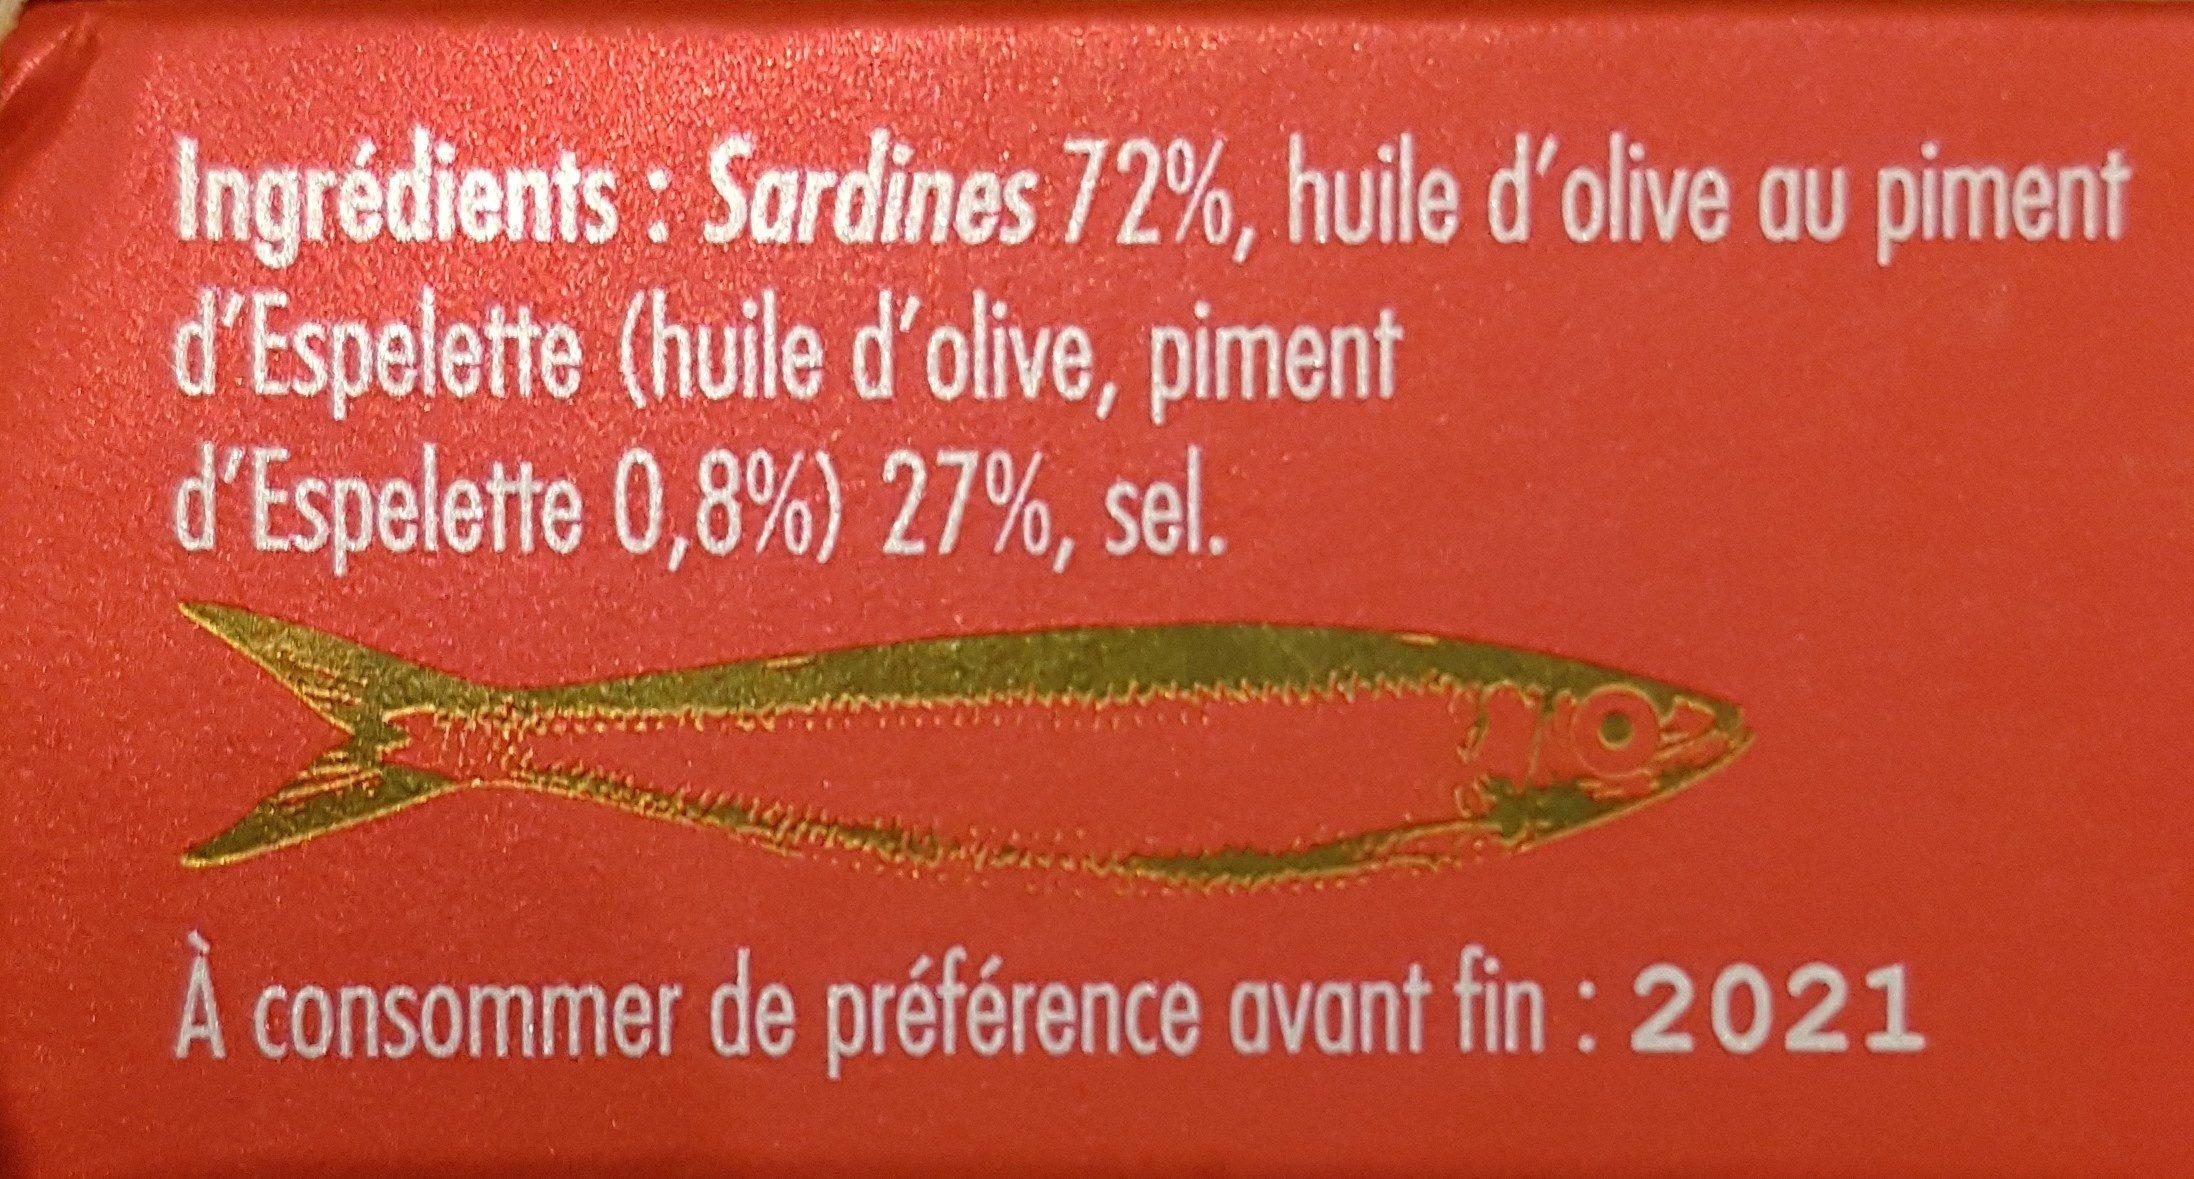 Petites sardines au piment d'espelette - Ingrédients - fr